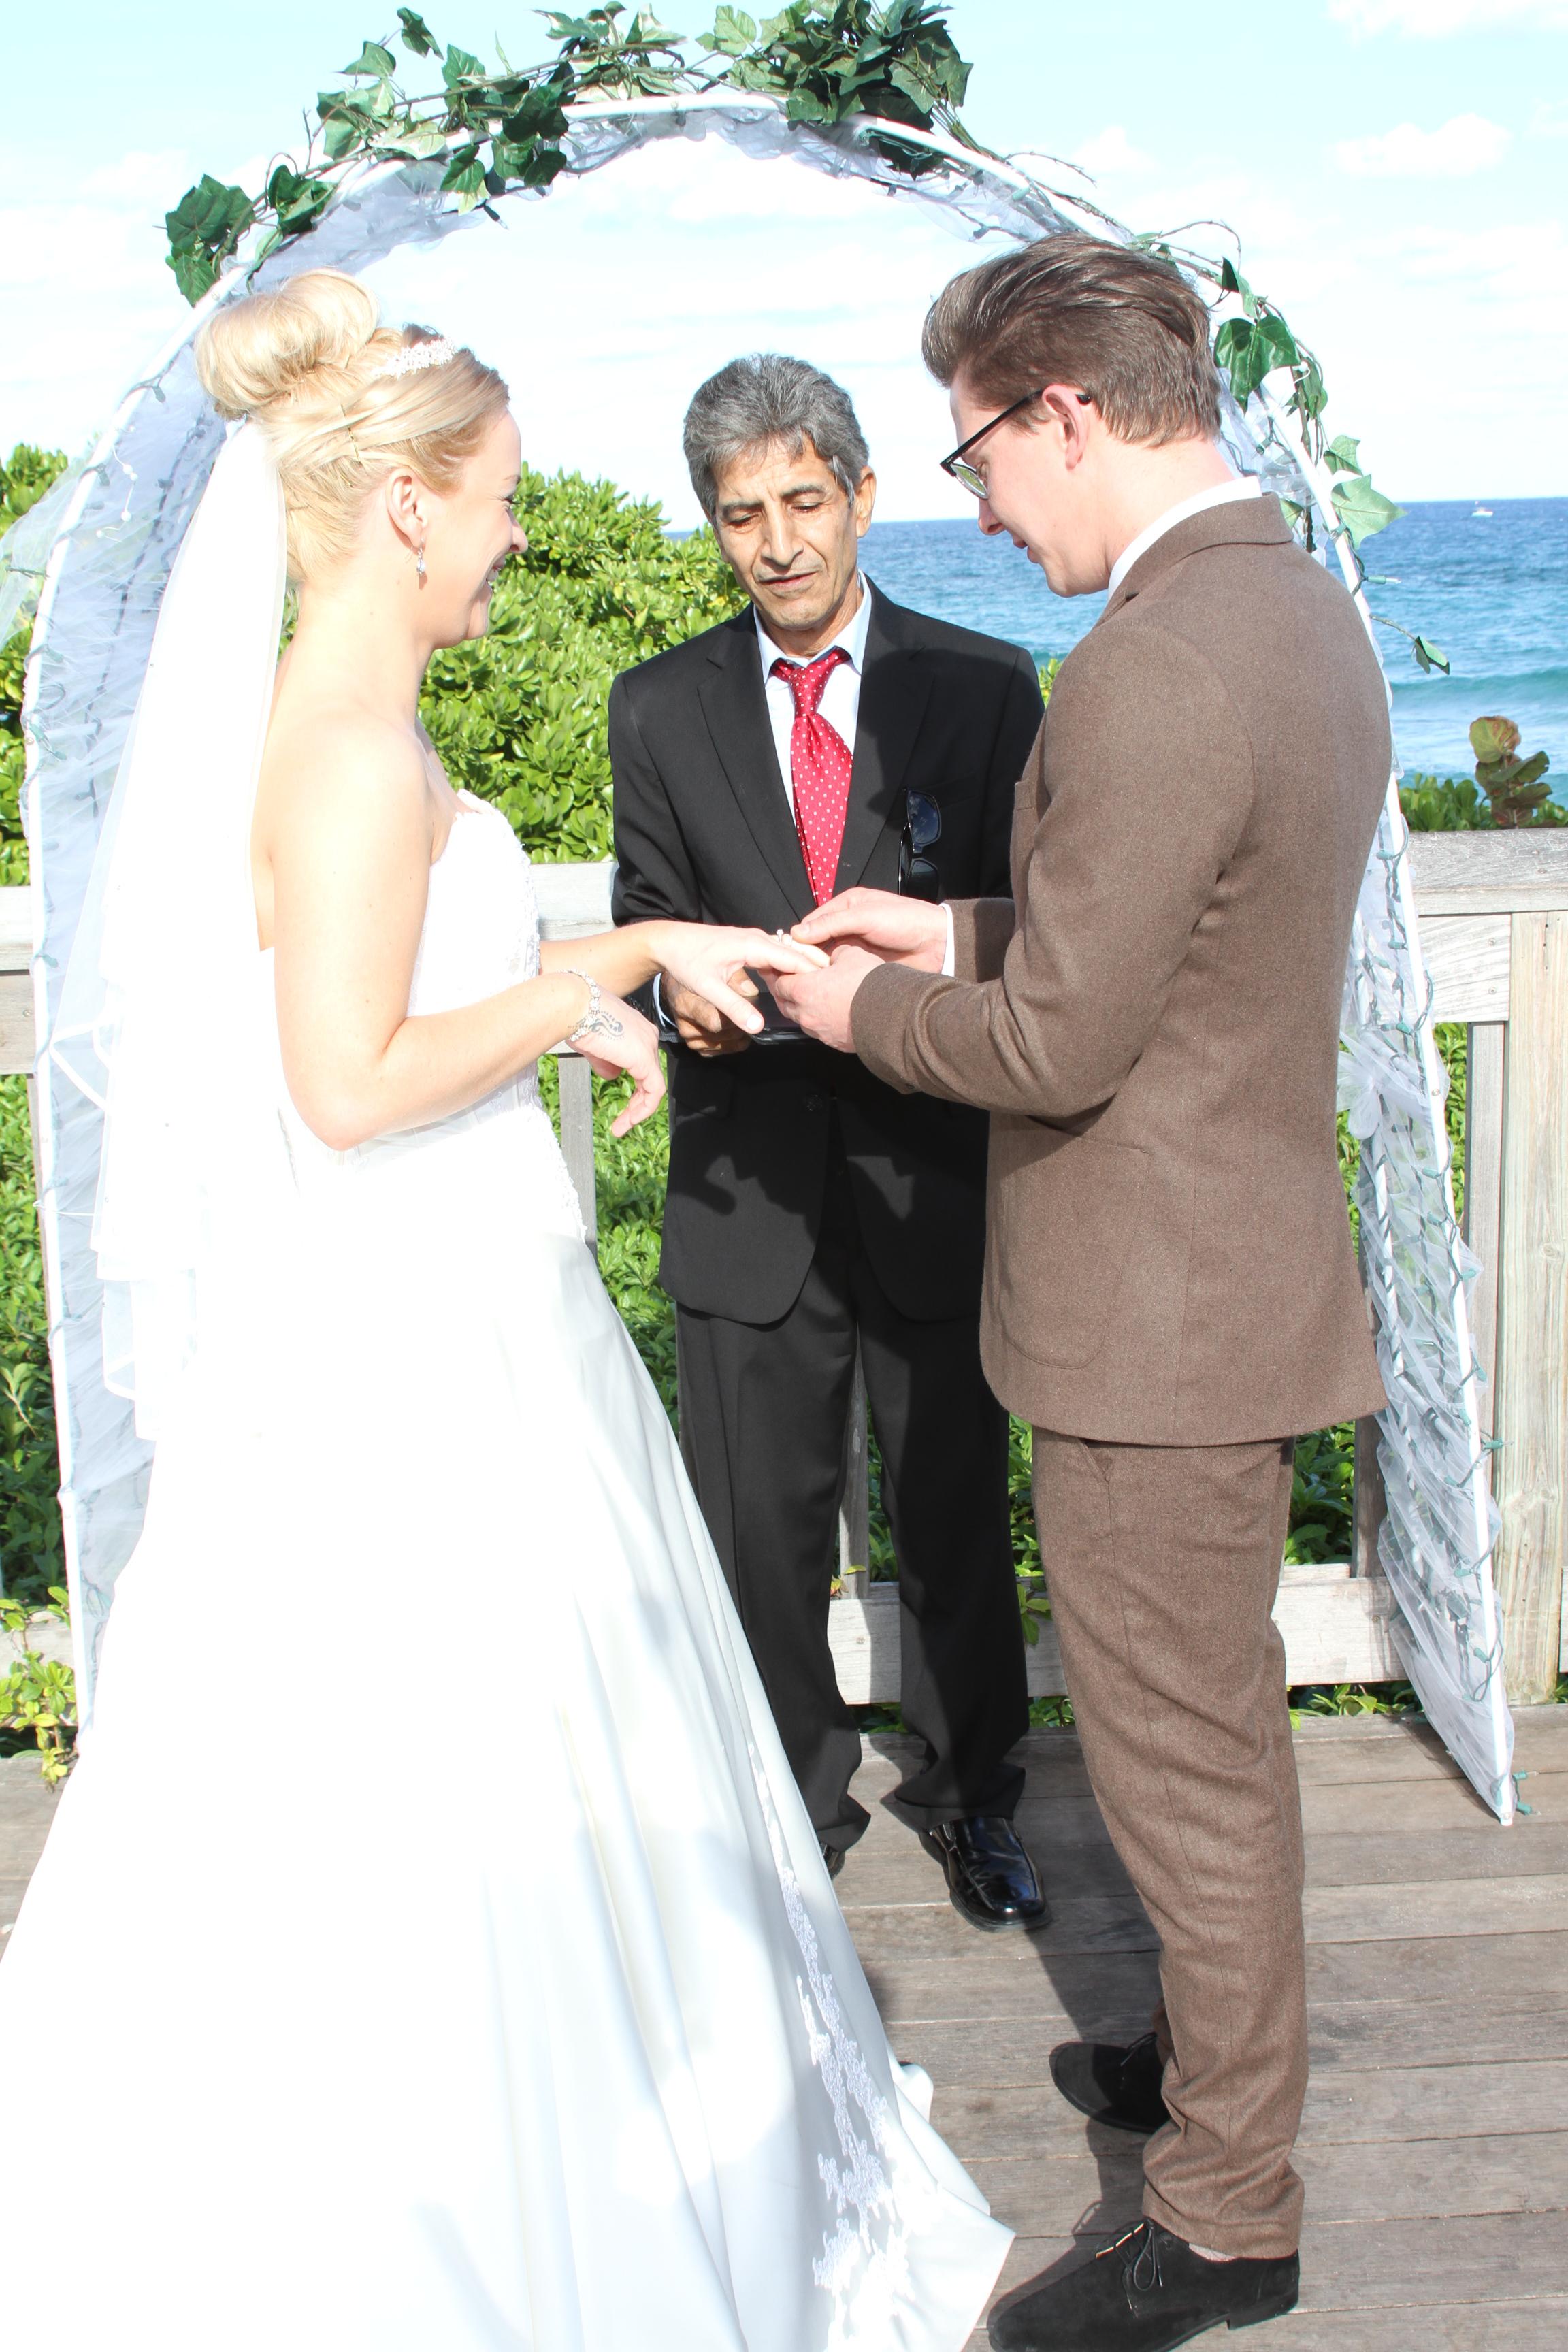 deerfield beach boardwalk wedding